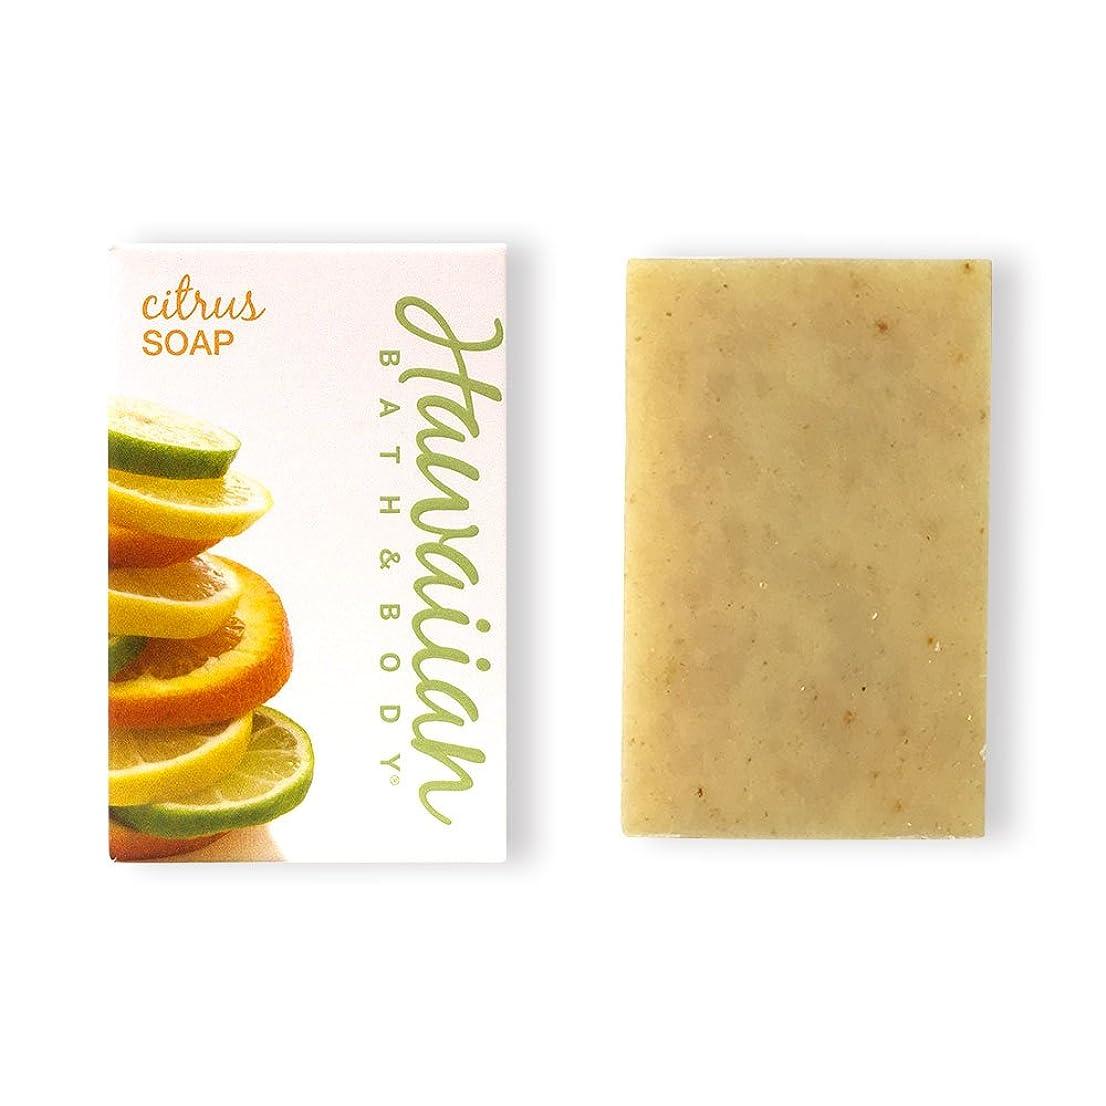 フクロウフロンティア損失ハワイアンバス&ボディ ハワイアン?シトラスソープ( Citrus Soap )